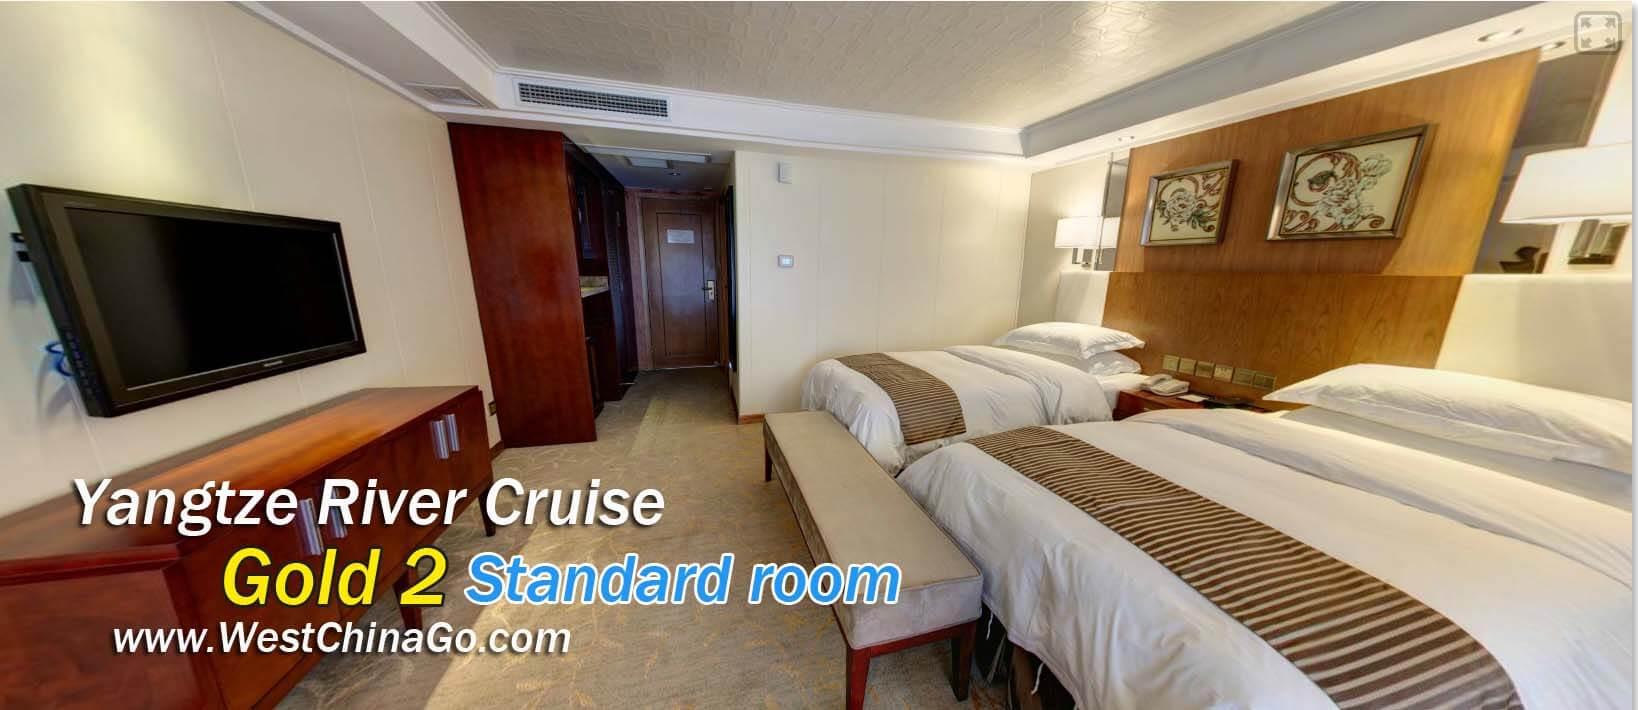 Gold 2 standard room